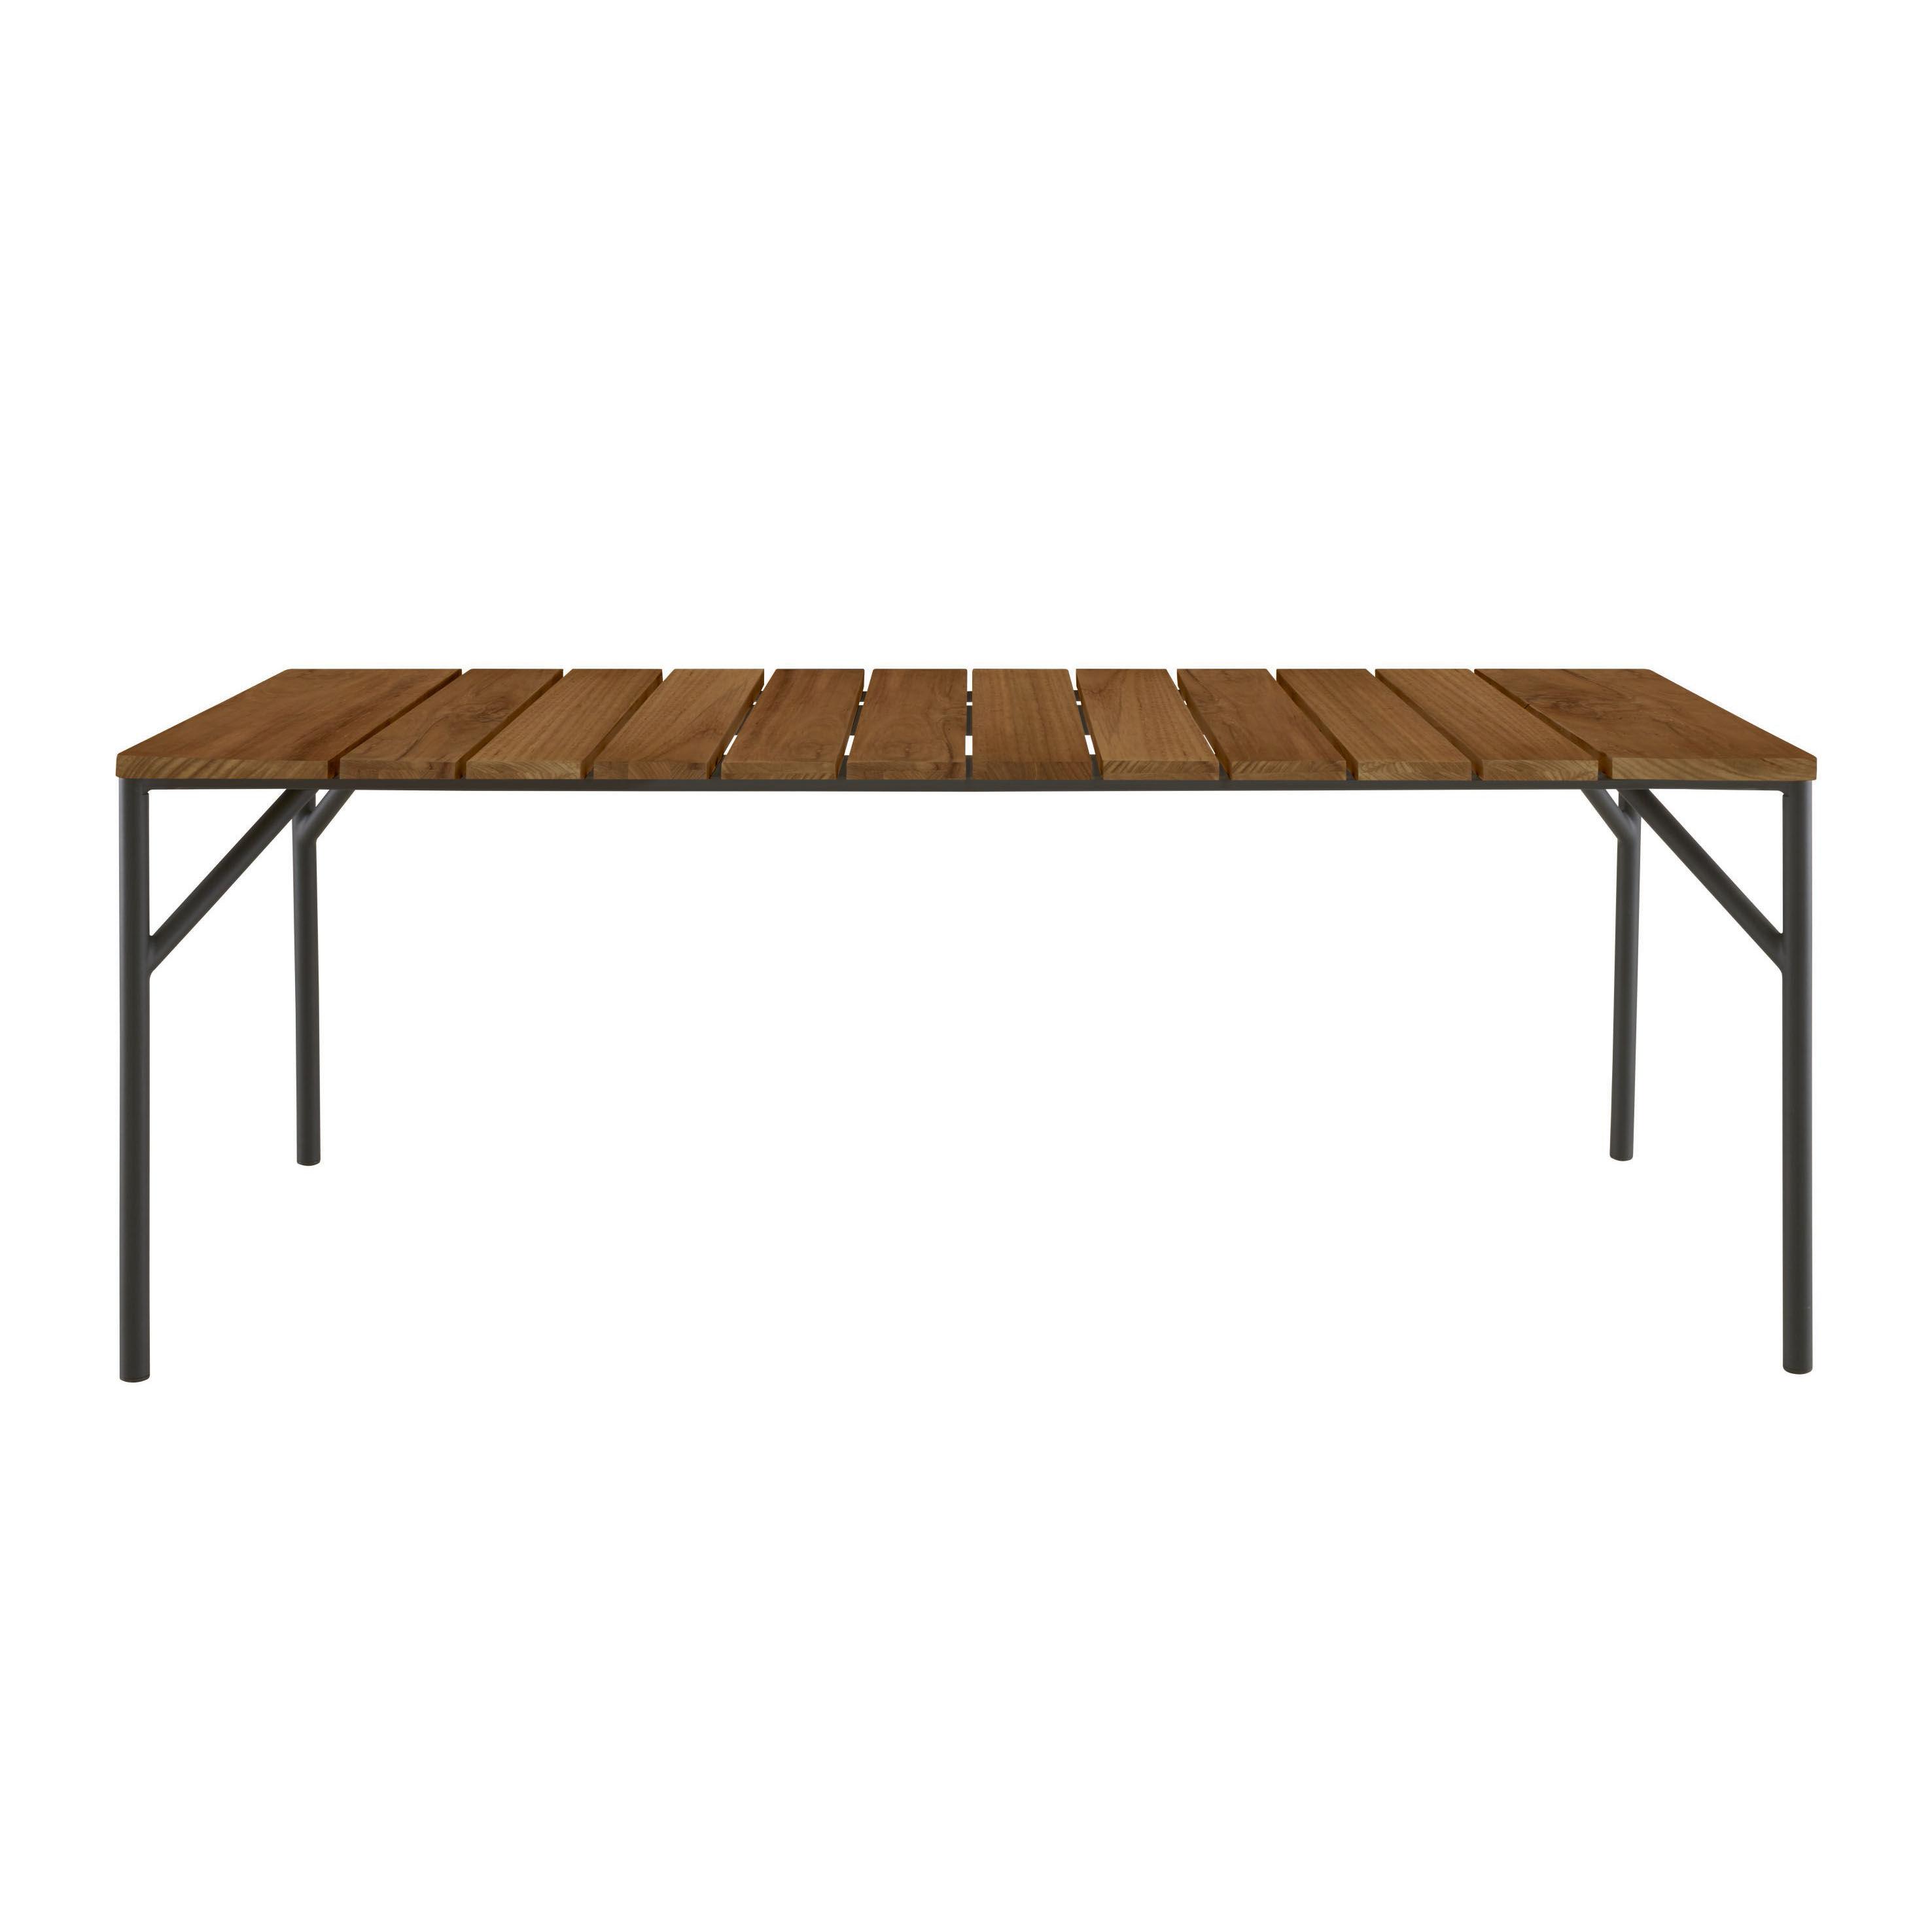 Table rectangulaire Lapel / 200 x 90 cm - Teck - Cinna bois naturel en bois